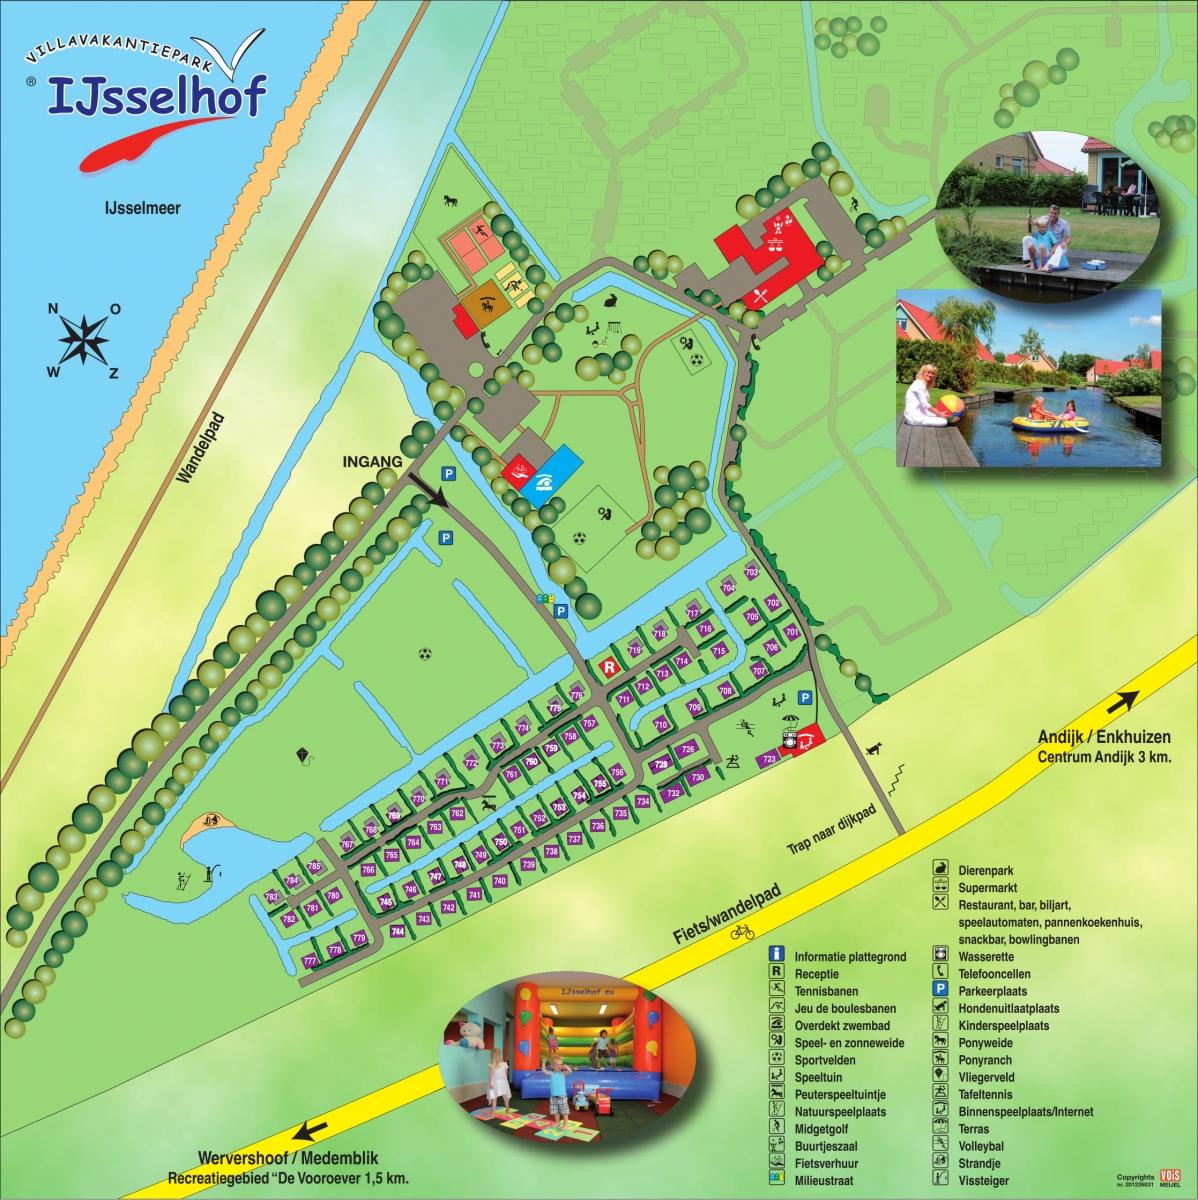 Villavakantiepark IJsselhof